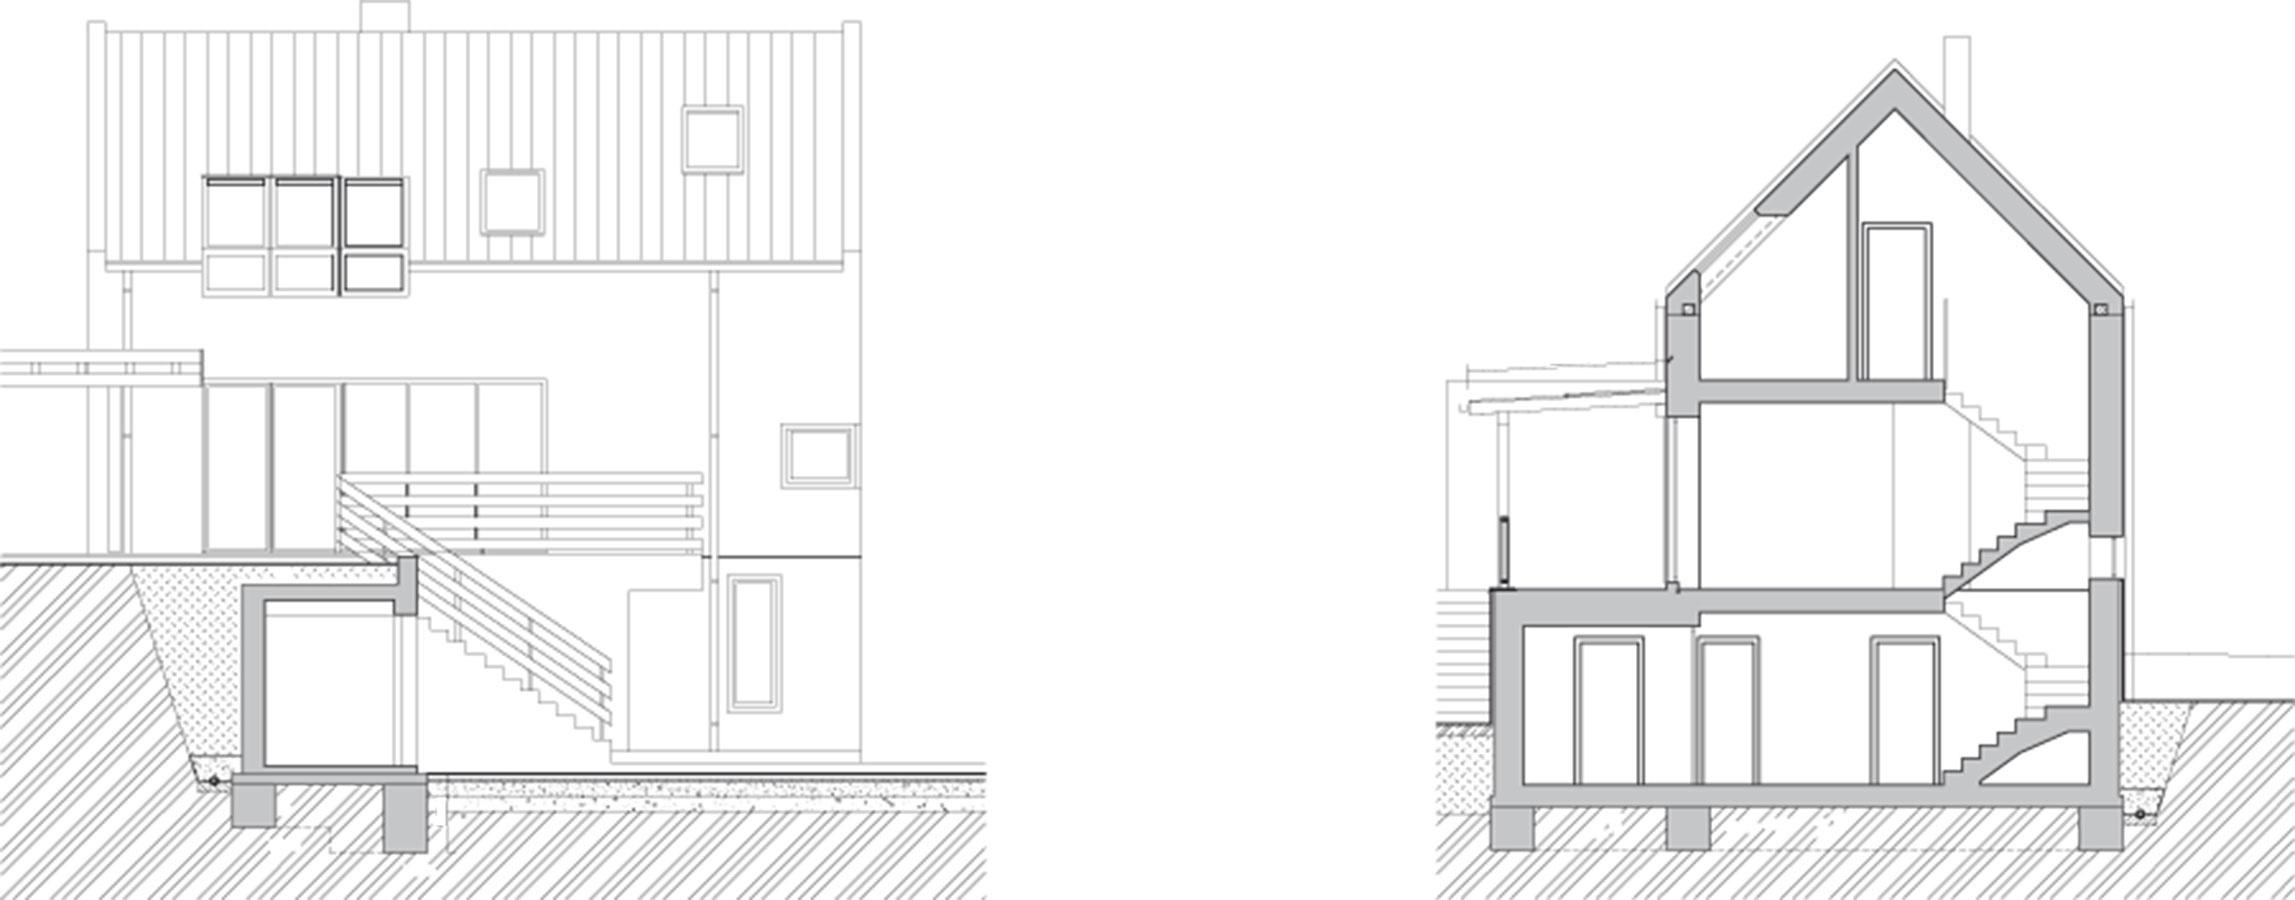 Rez Do domu sa vstupuje zo zapusteného prízemia, kde sú dve spálne pre hostí adostatok odkladacích priestorov na sane, bicykle aj peletky. Oposchodie vyššie je spoločný obytný priestor – kuchyňa sjedálňou aobývačka, na ktoré nadväzuje terasa azáhrada. Vpodkroví sú potom dve spálne majiteľov.